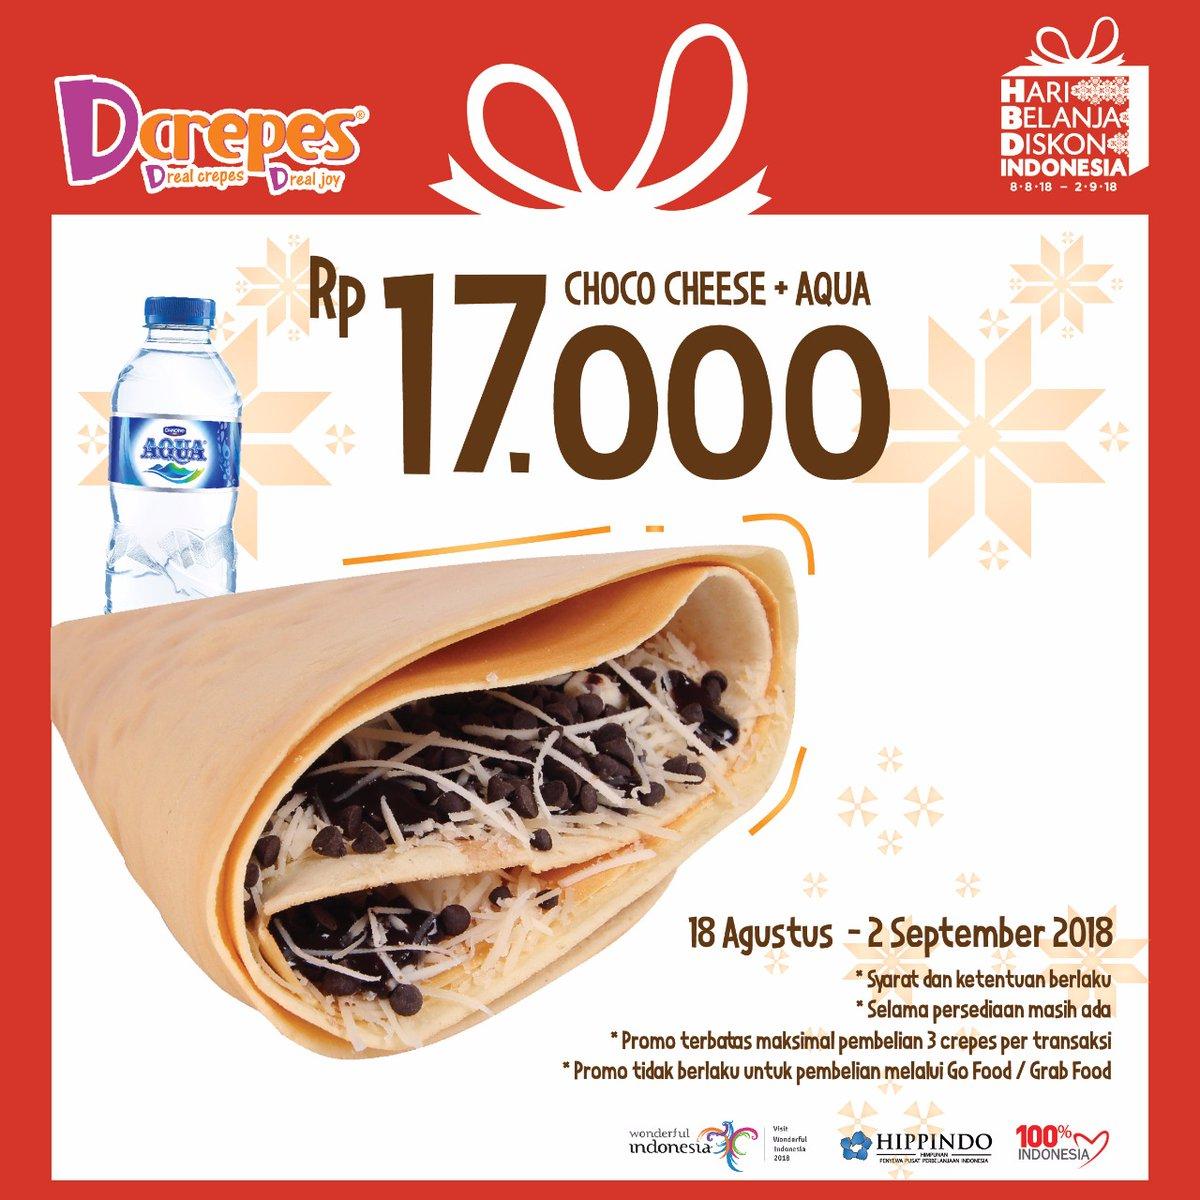 D'Crepes - Promo Kemerdekaan Choco Cheese + Aqua Cuma 17 Ribuan (s.d 2 Sept 2018)